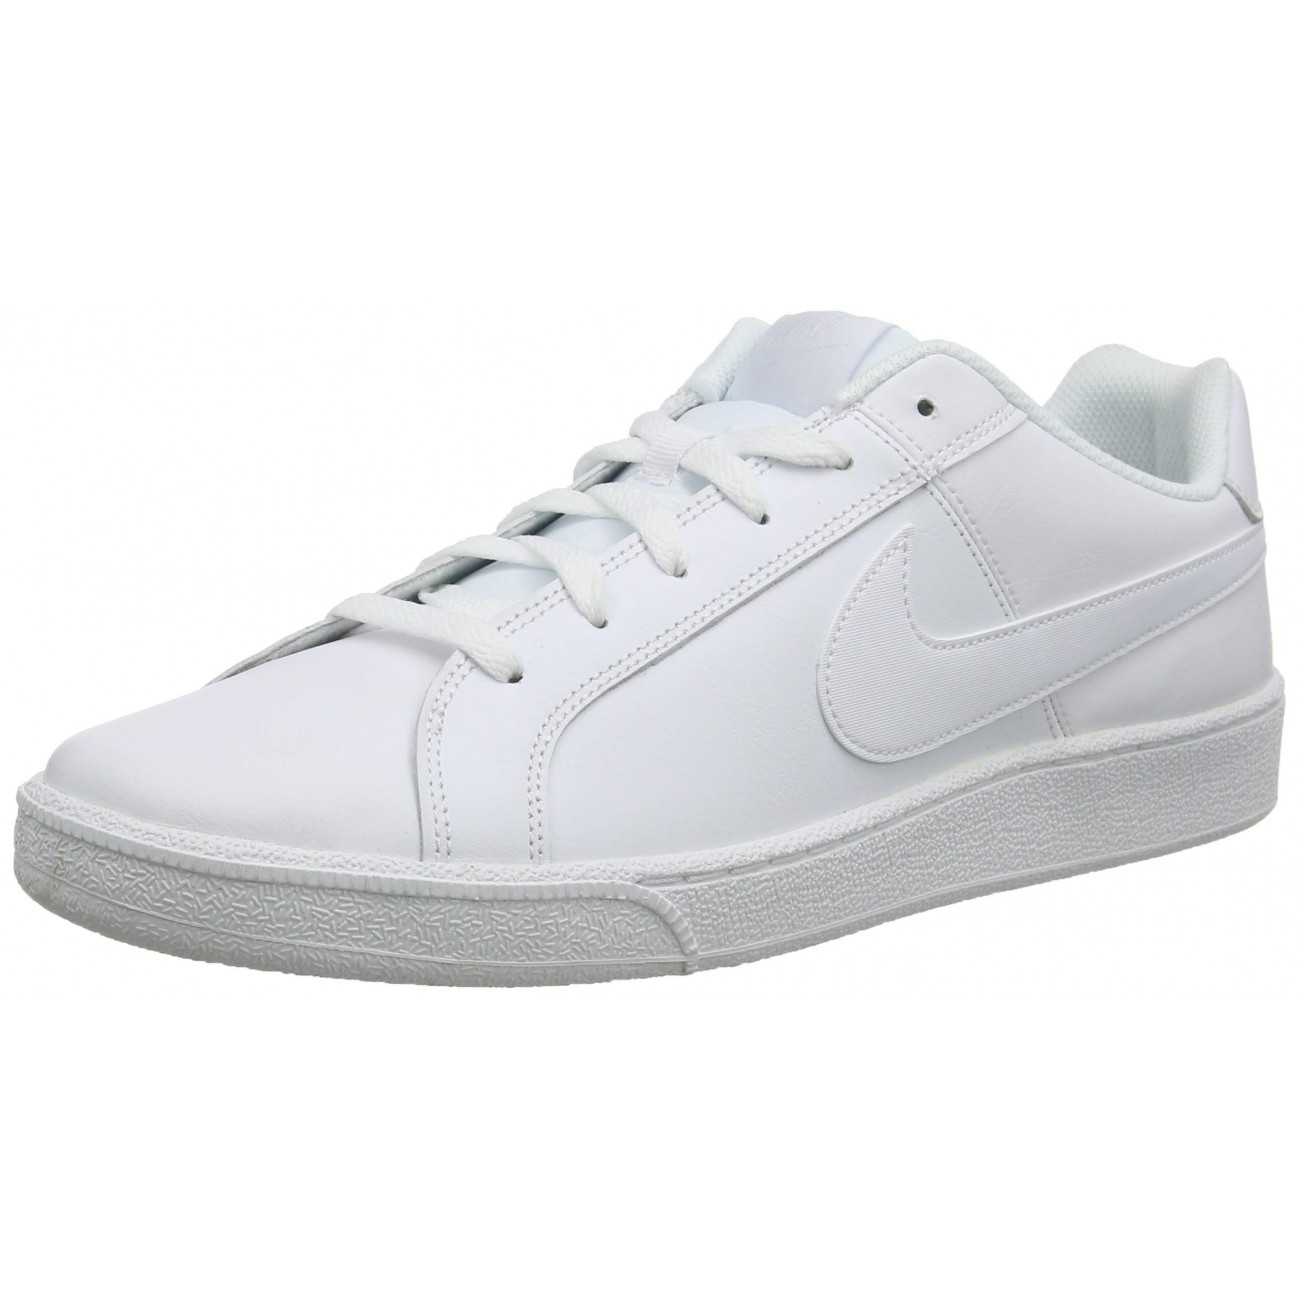 enfocar Bandido Capitán Brie  Compra Nike Court Royale, Zapatillas de Gimnasia para Hombre, Blanco  (White/White 111), 42.5 EU en Round Market